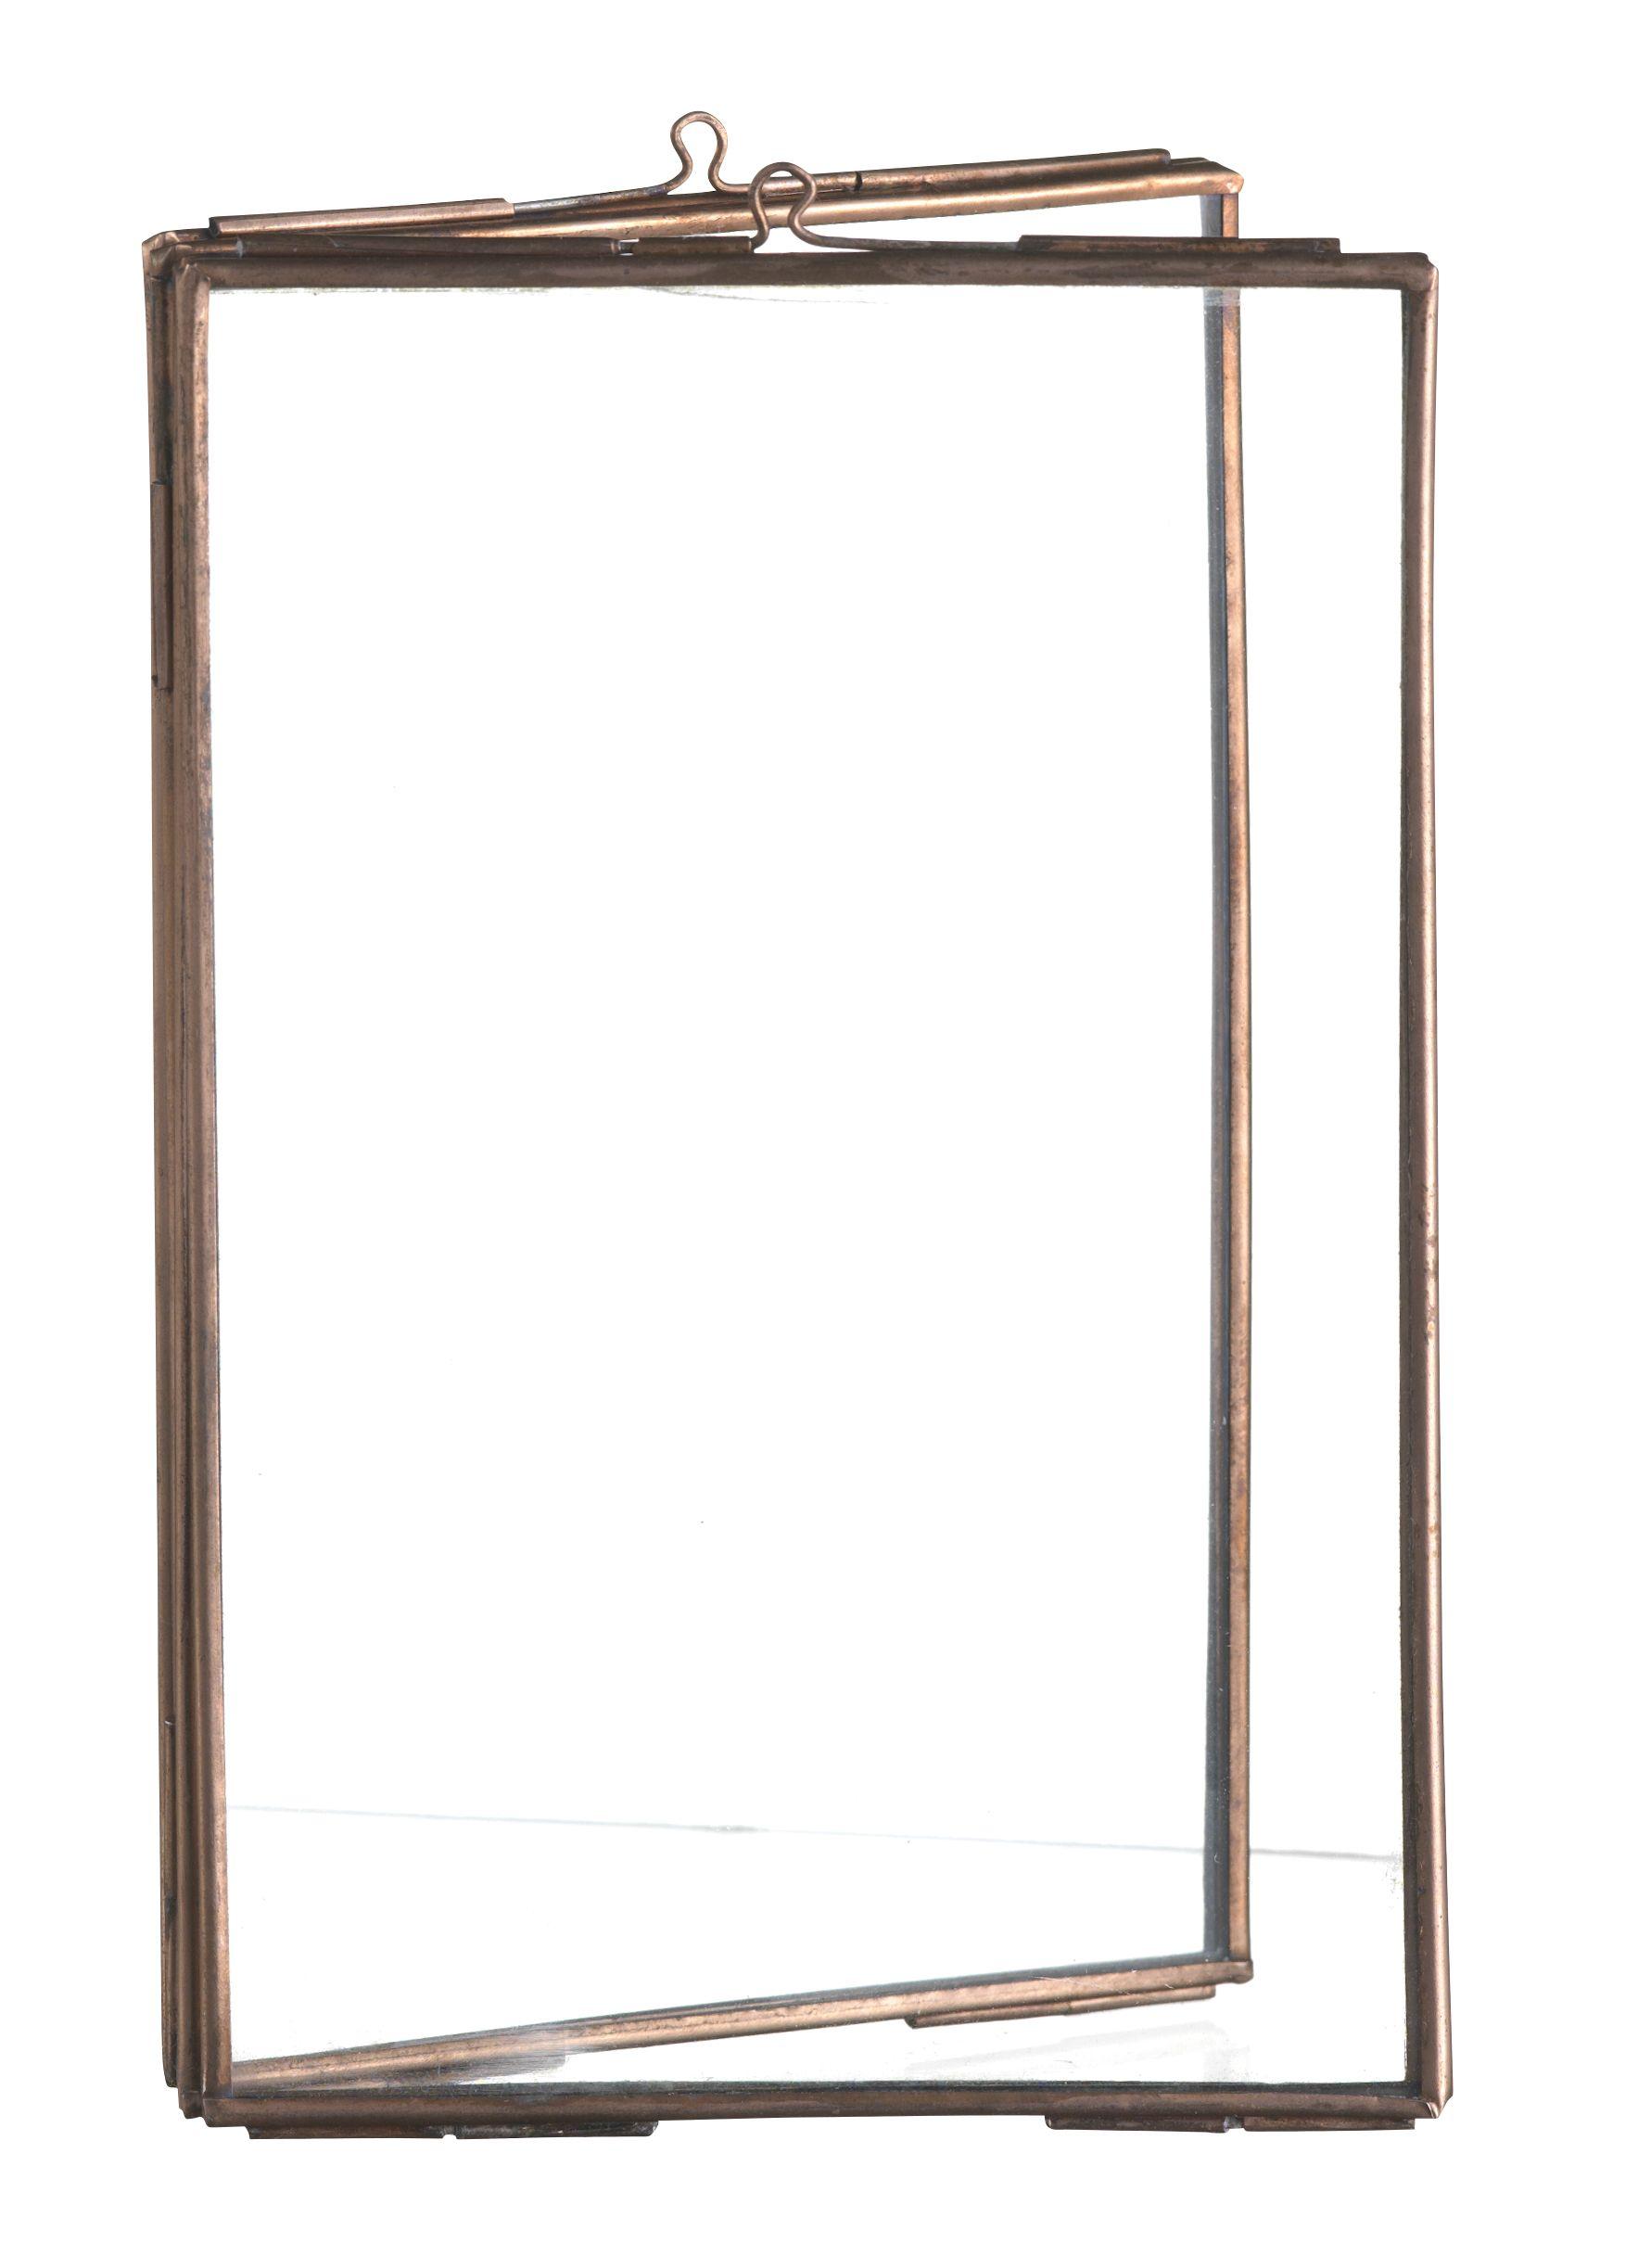 Bilderrahmen Glas/Metall Kupfer doppel | Wohnzimmer | Pinterest ...